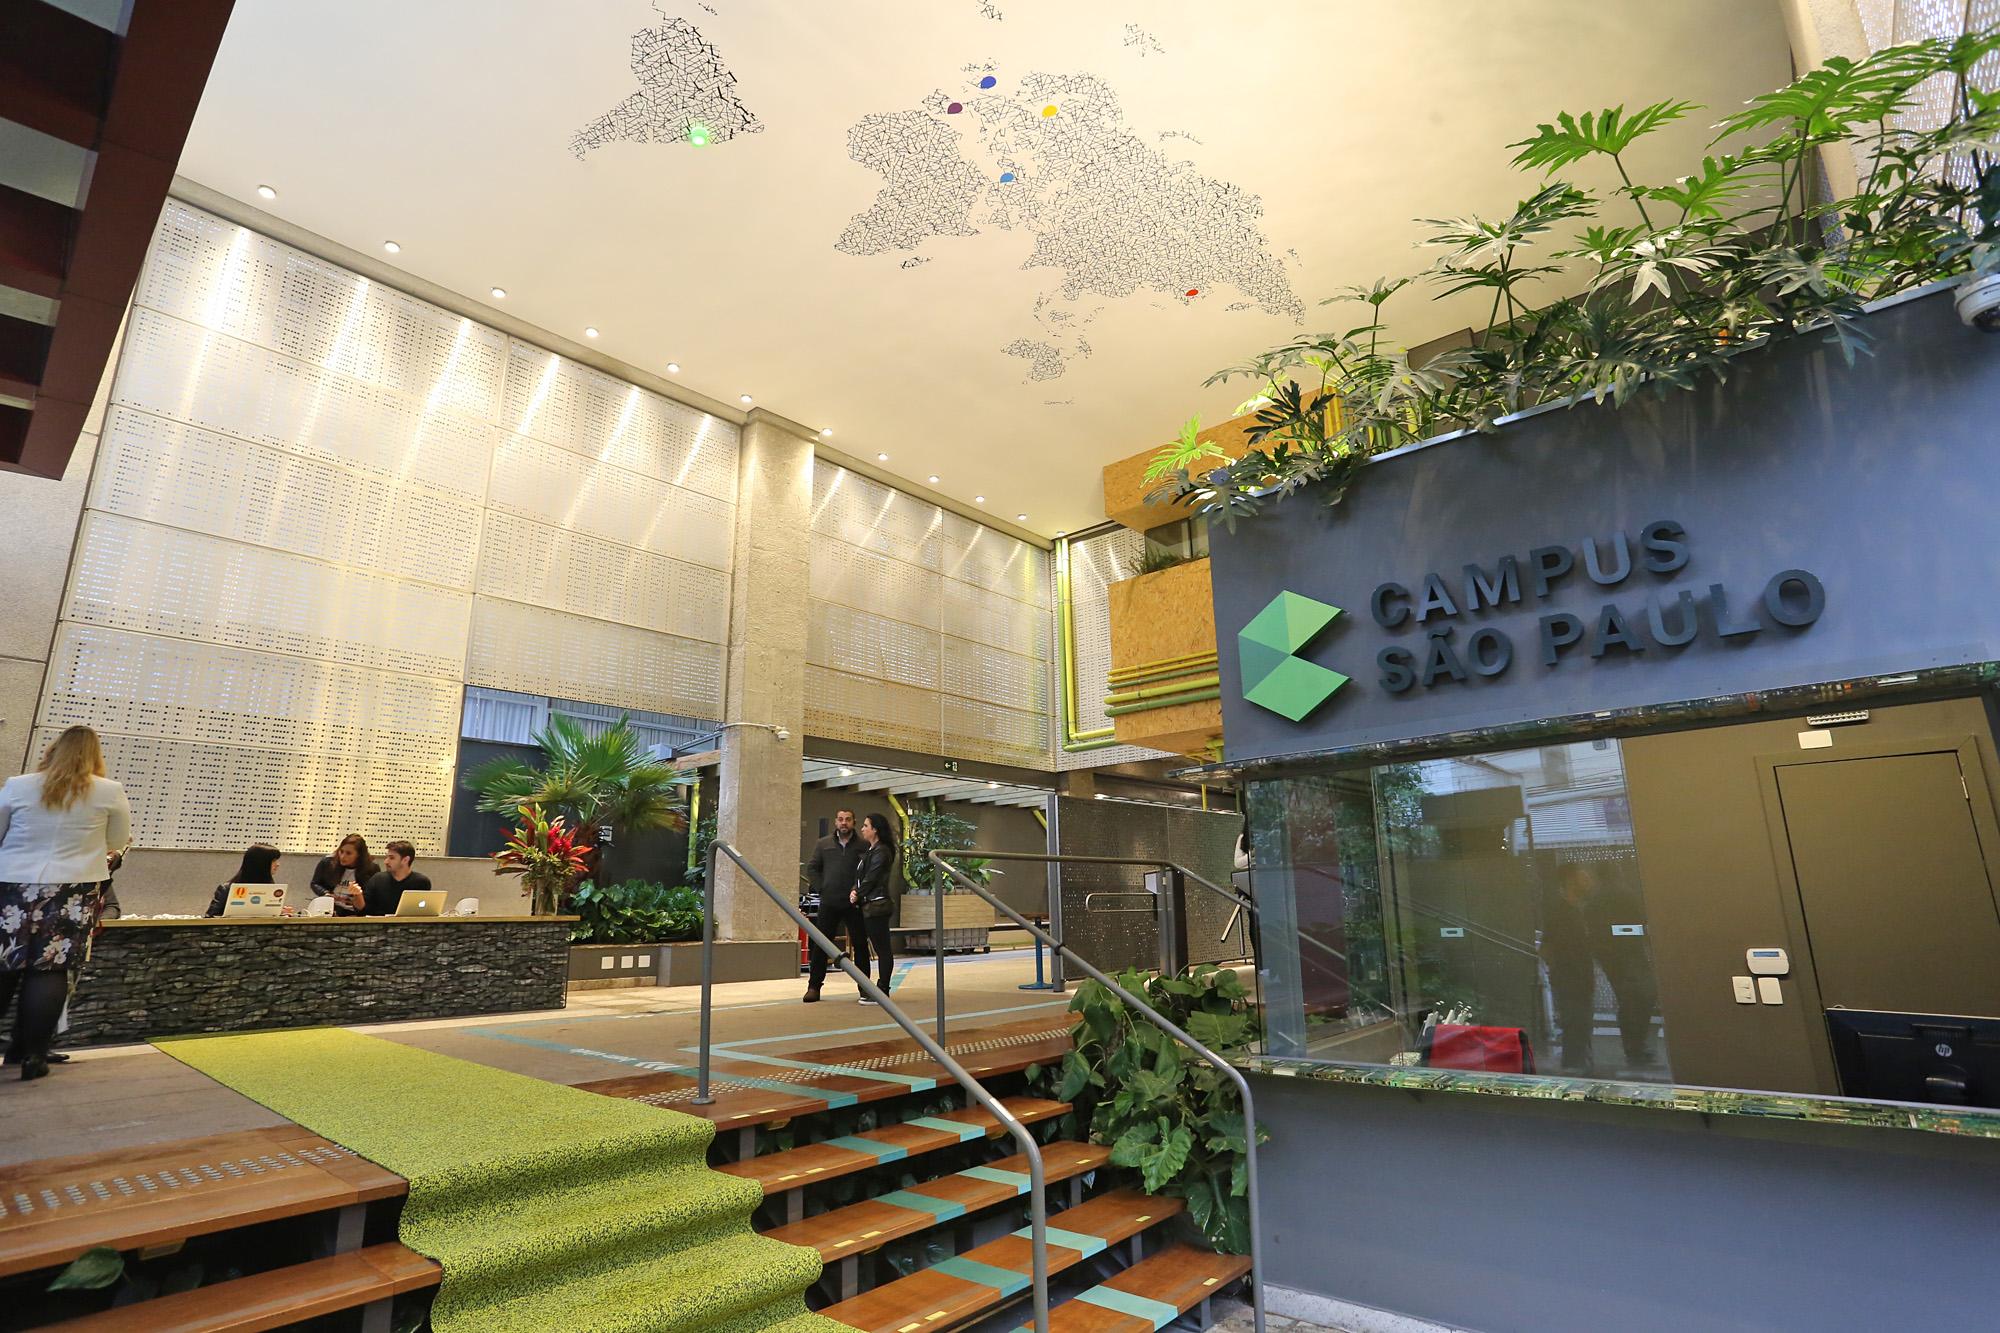 Google campus em SP